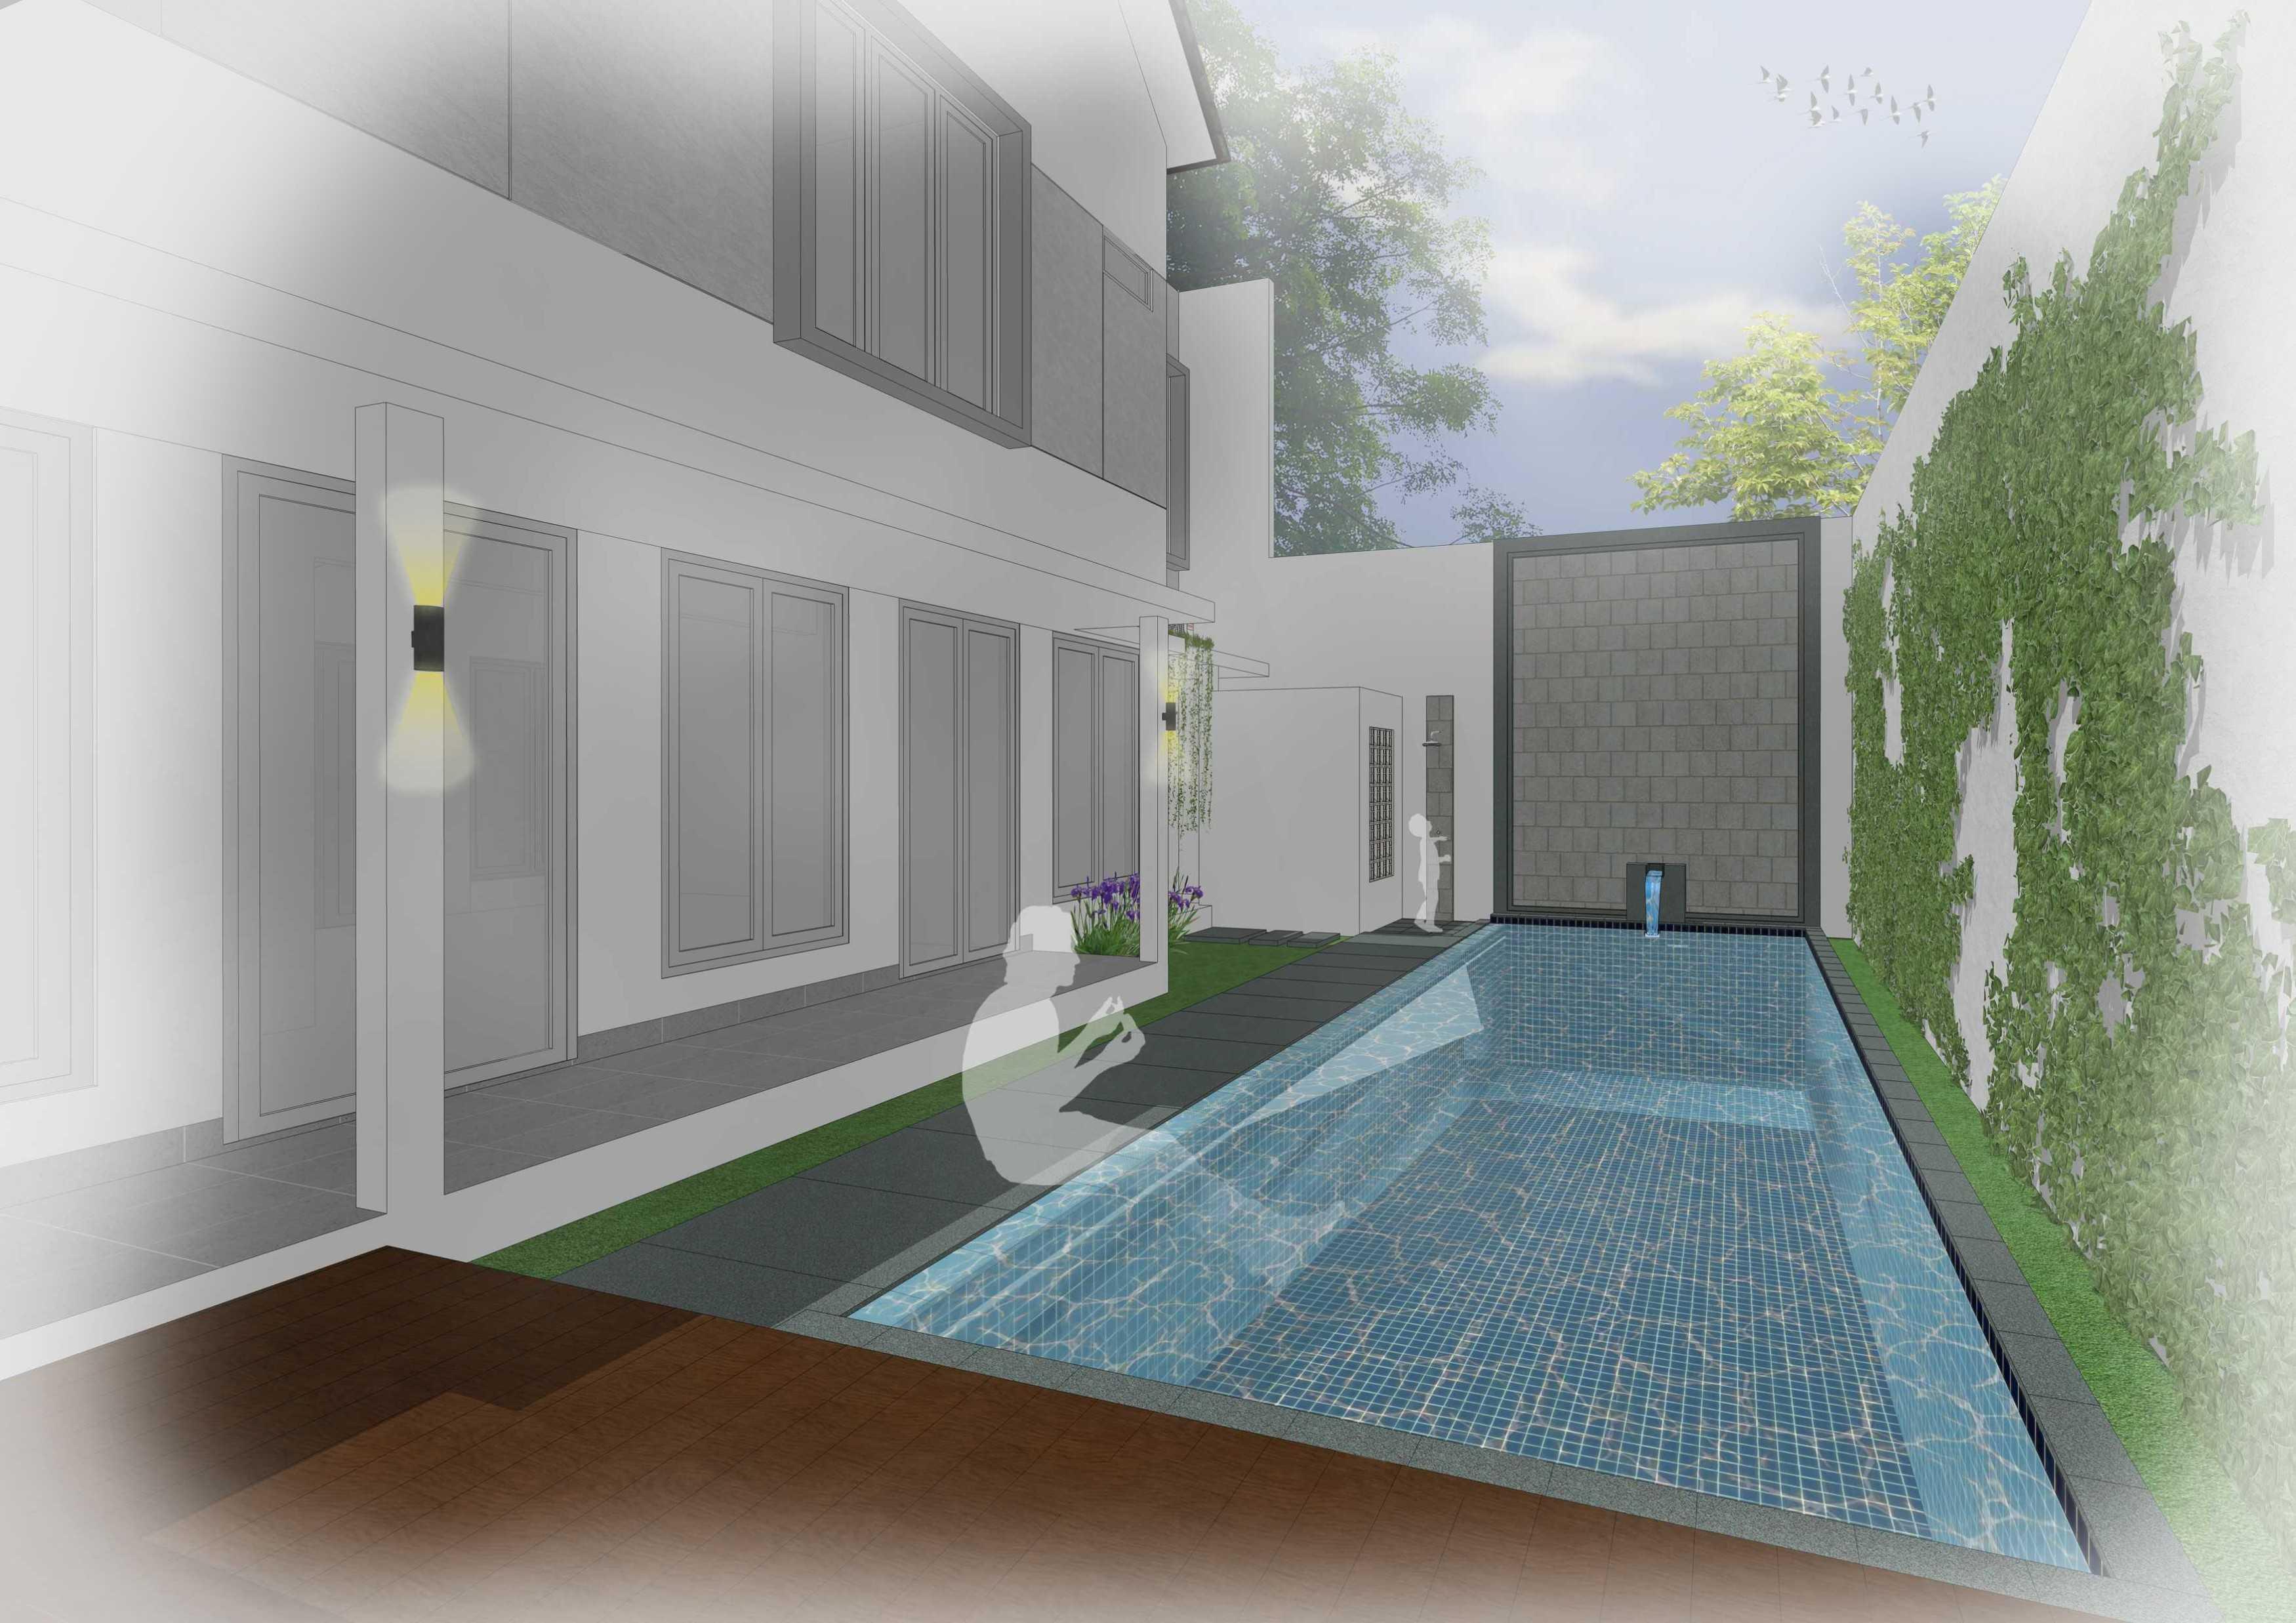 Asdesign Renovasi - Rumah Tinggal - Bogor Bogor, Jawa Barat, Indonesia Bogor, Jawa Barat, Indonesia Asdesign-Renovasi-Rumah-Tinggal-Bogor   128988